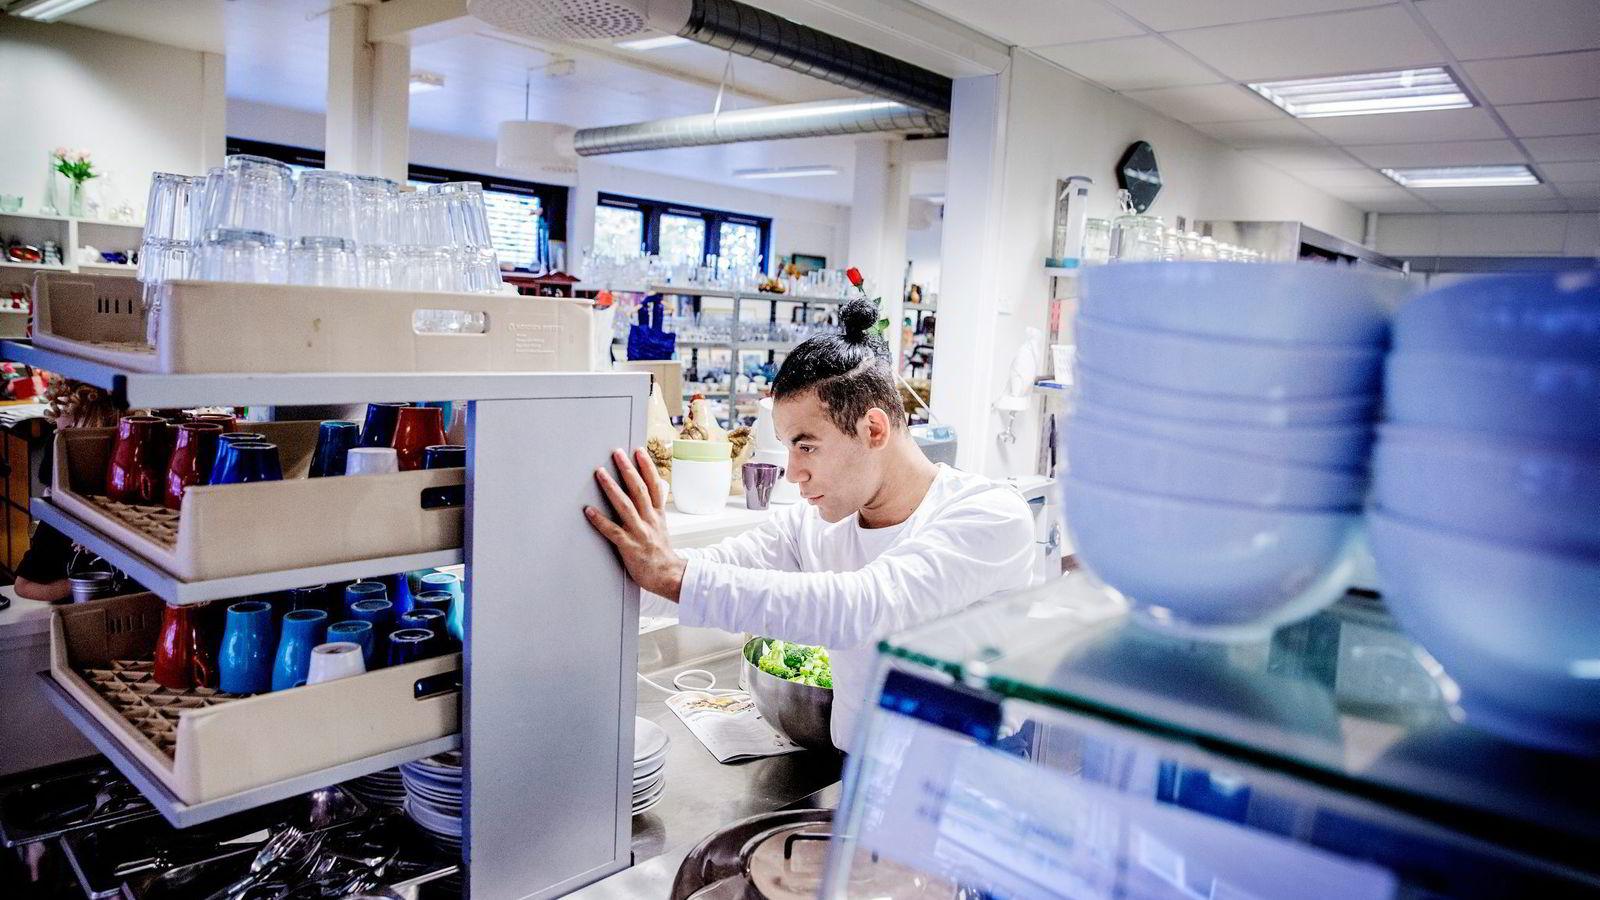 Arbeidsledige Michael Douglas Søraas (22) jobber på kjøkkenet på kafeen til Kirkens Bymisjon i Drammen, etter å ha blitt sendt hit av Nav som et vilkår for å få stønad til livsopphold. Foto: Fredrik Bjerknes